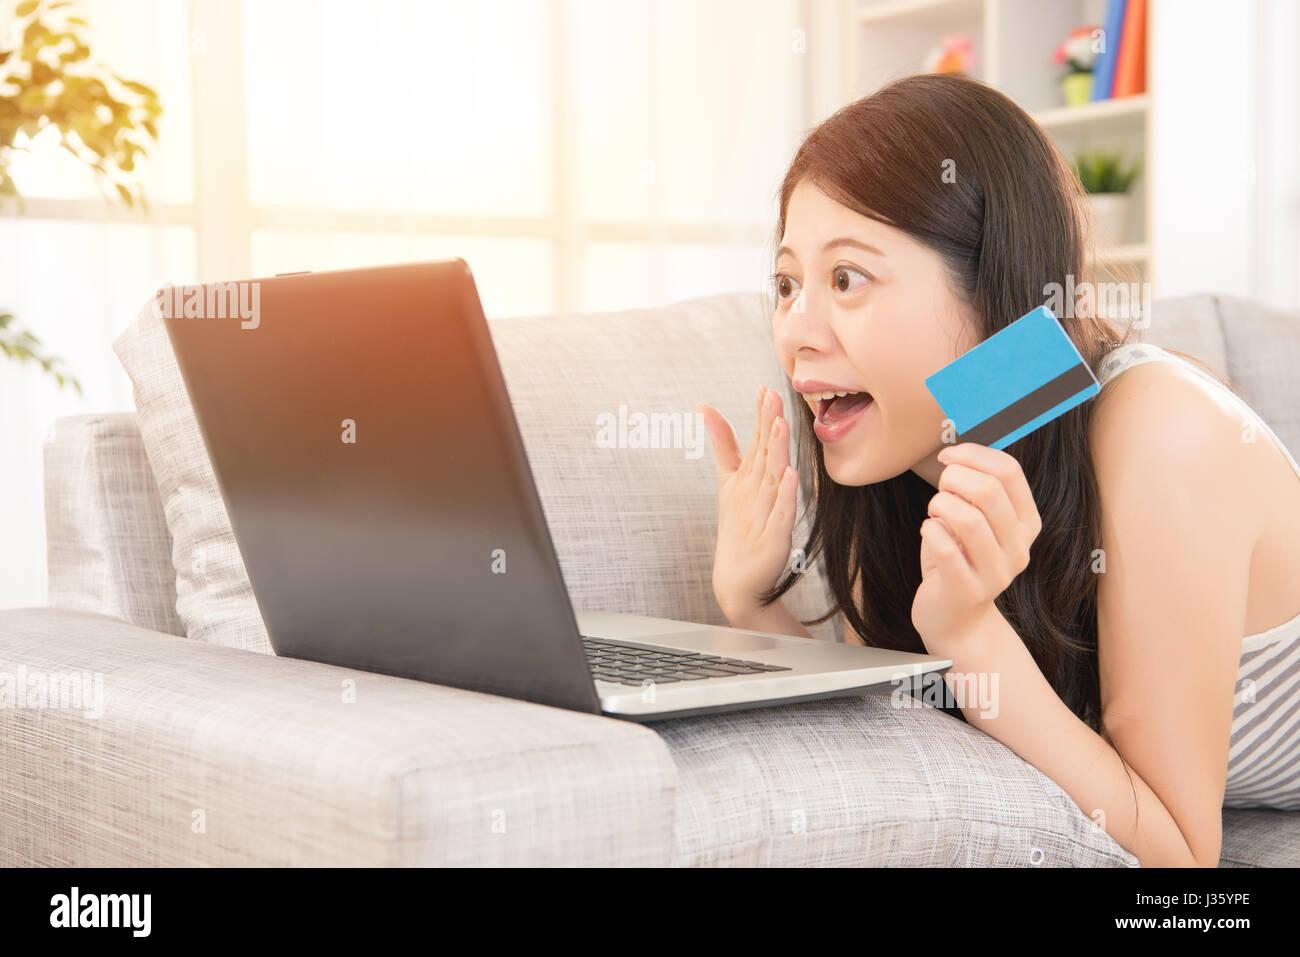 57c3ece3bf46b L'euphorie woman shopping online assis sur un canapé confortable et une  carte de crédit